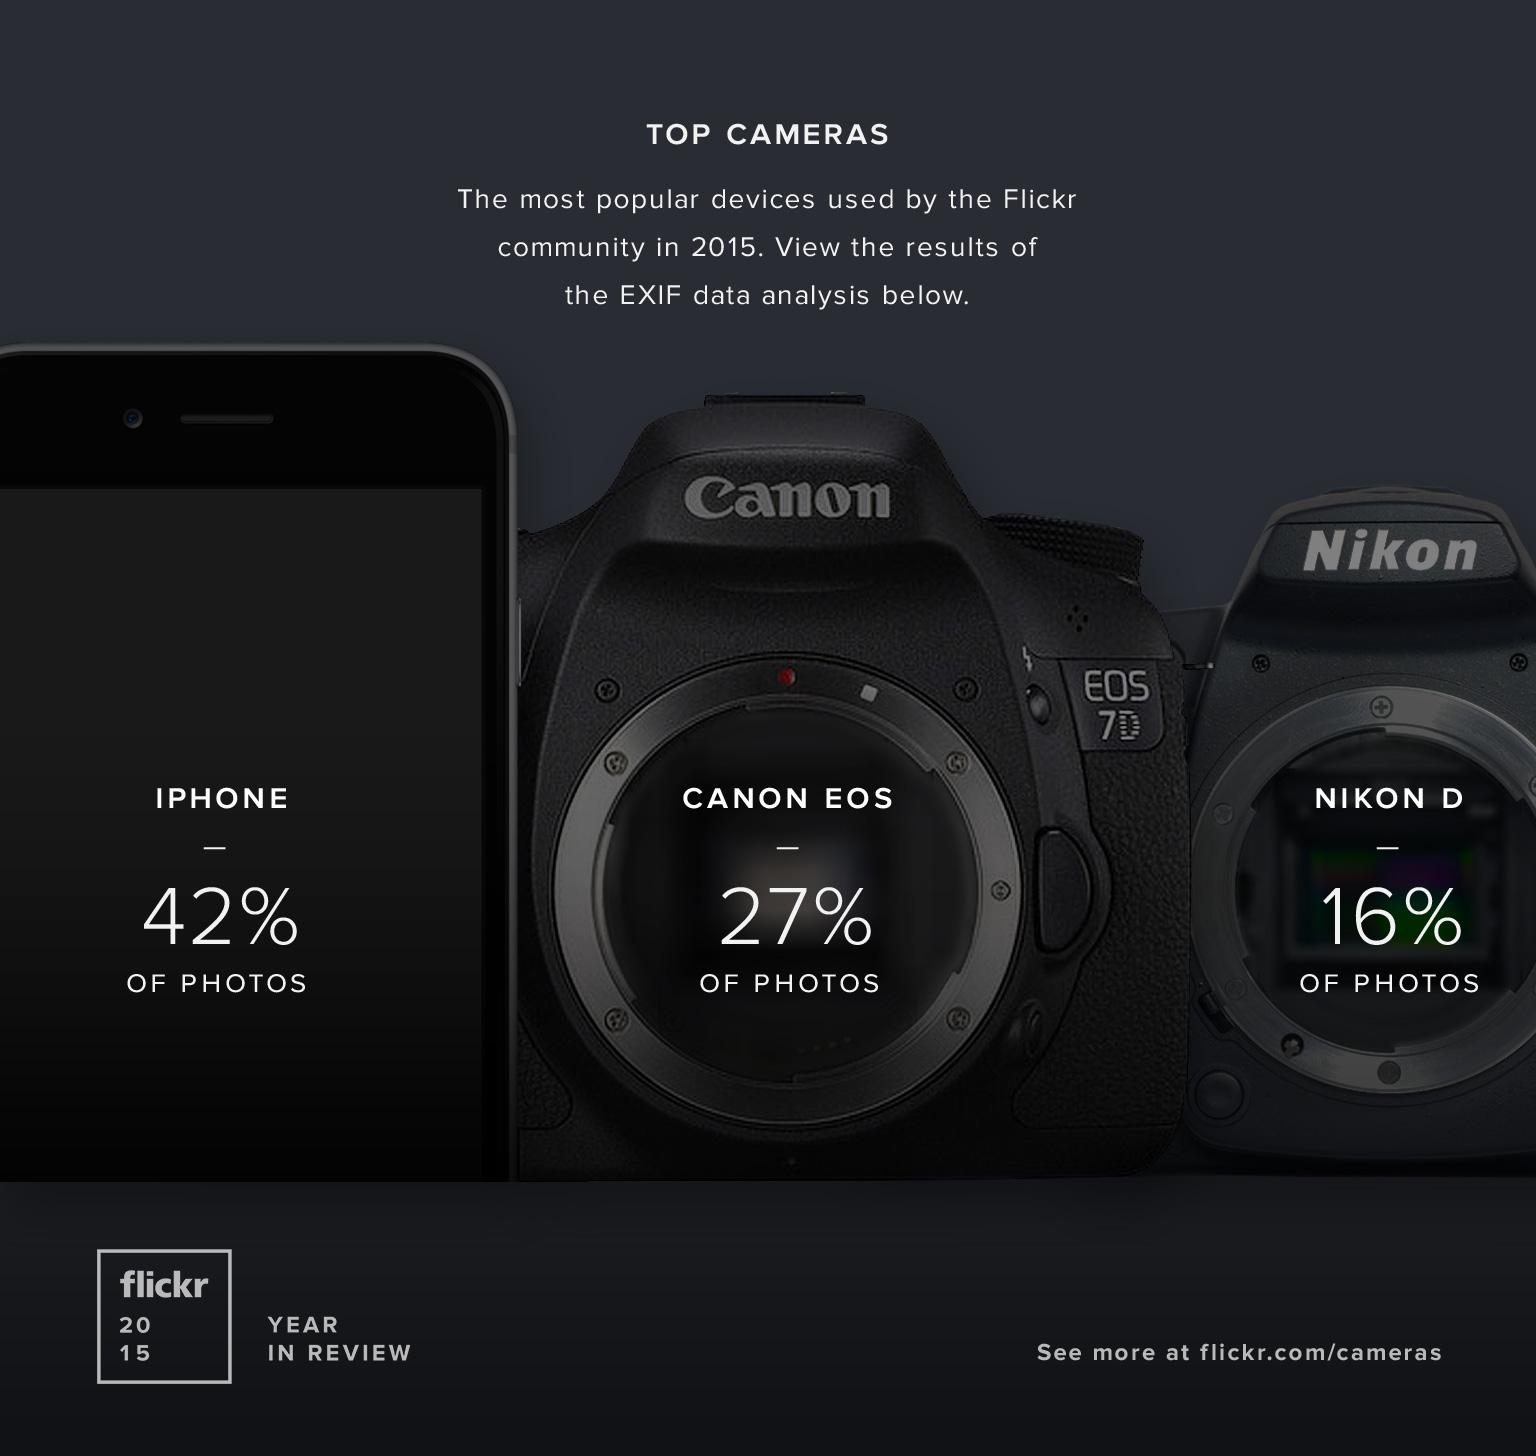 Most popular cameras on Flickr in 2015